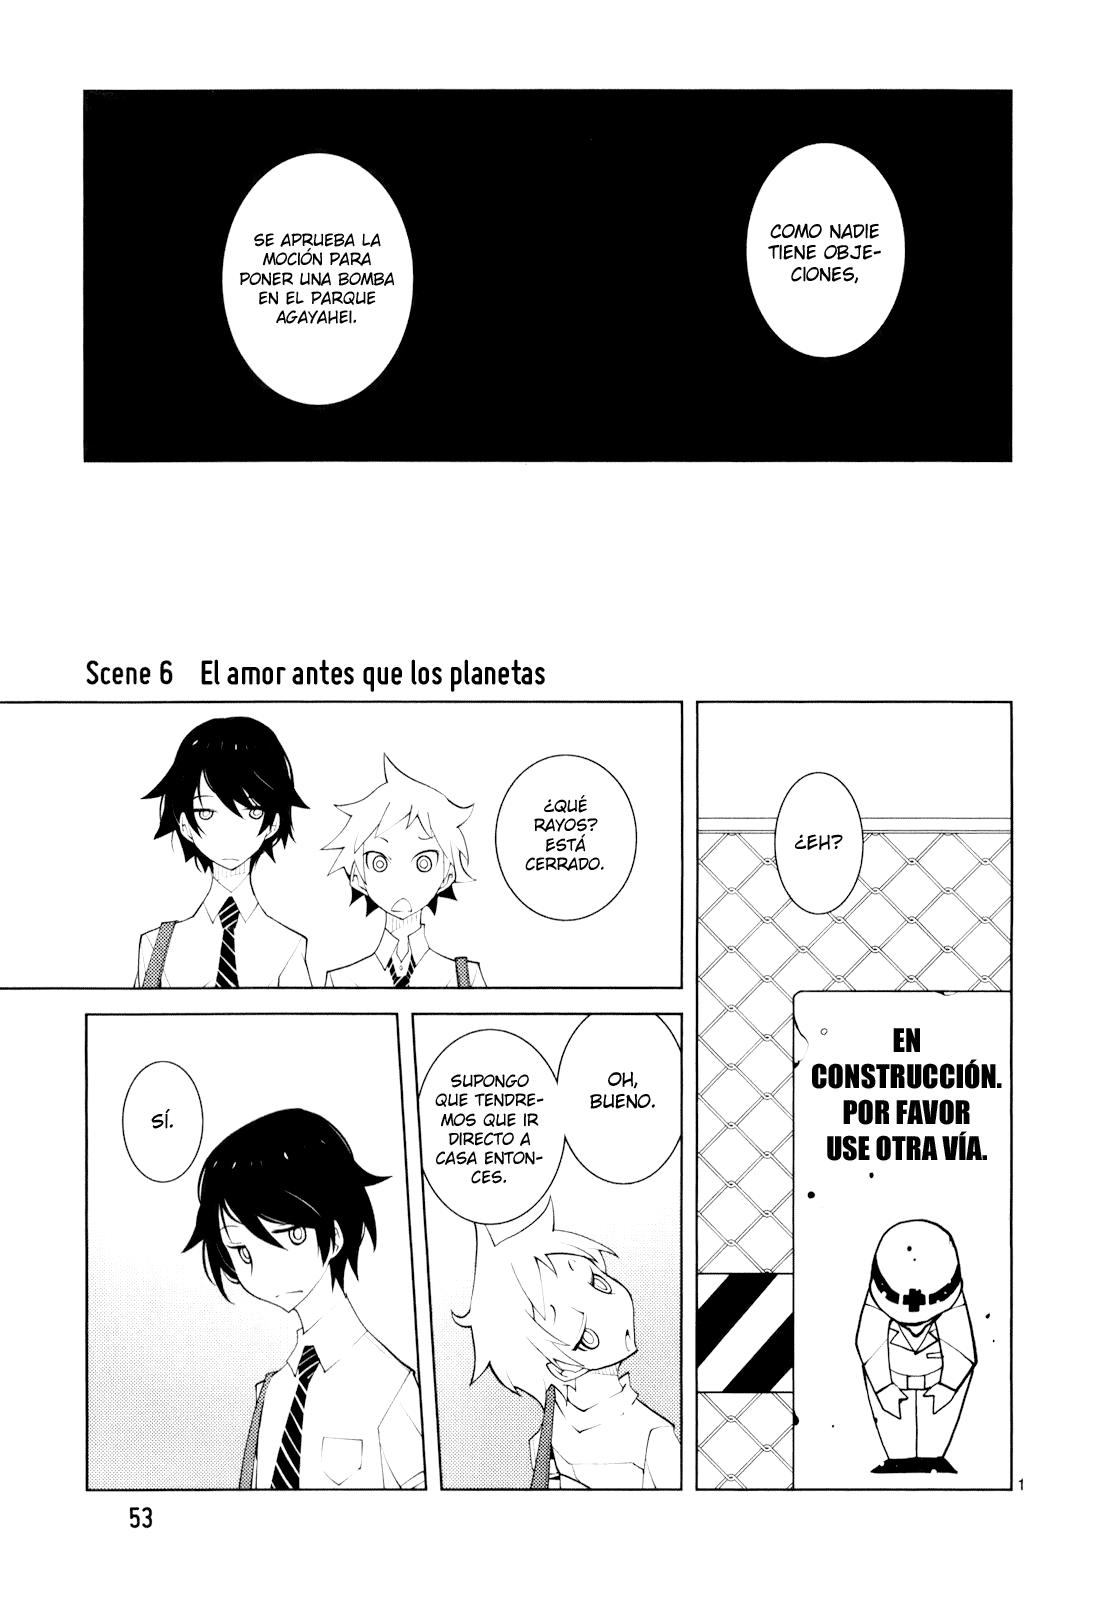 https://nine.mangadogs.com/es_manga/pic8/24/31320/958647/414e2c4fbdb1b278a2c1adfce0cb31df.jpg Page 1